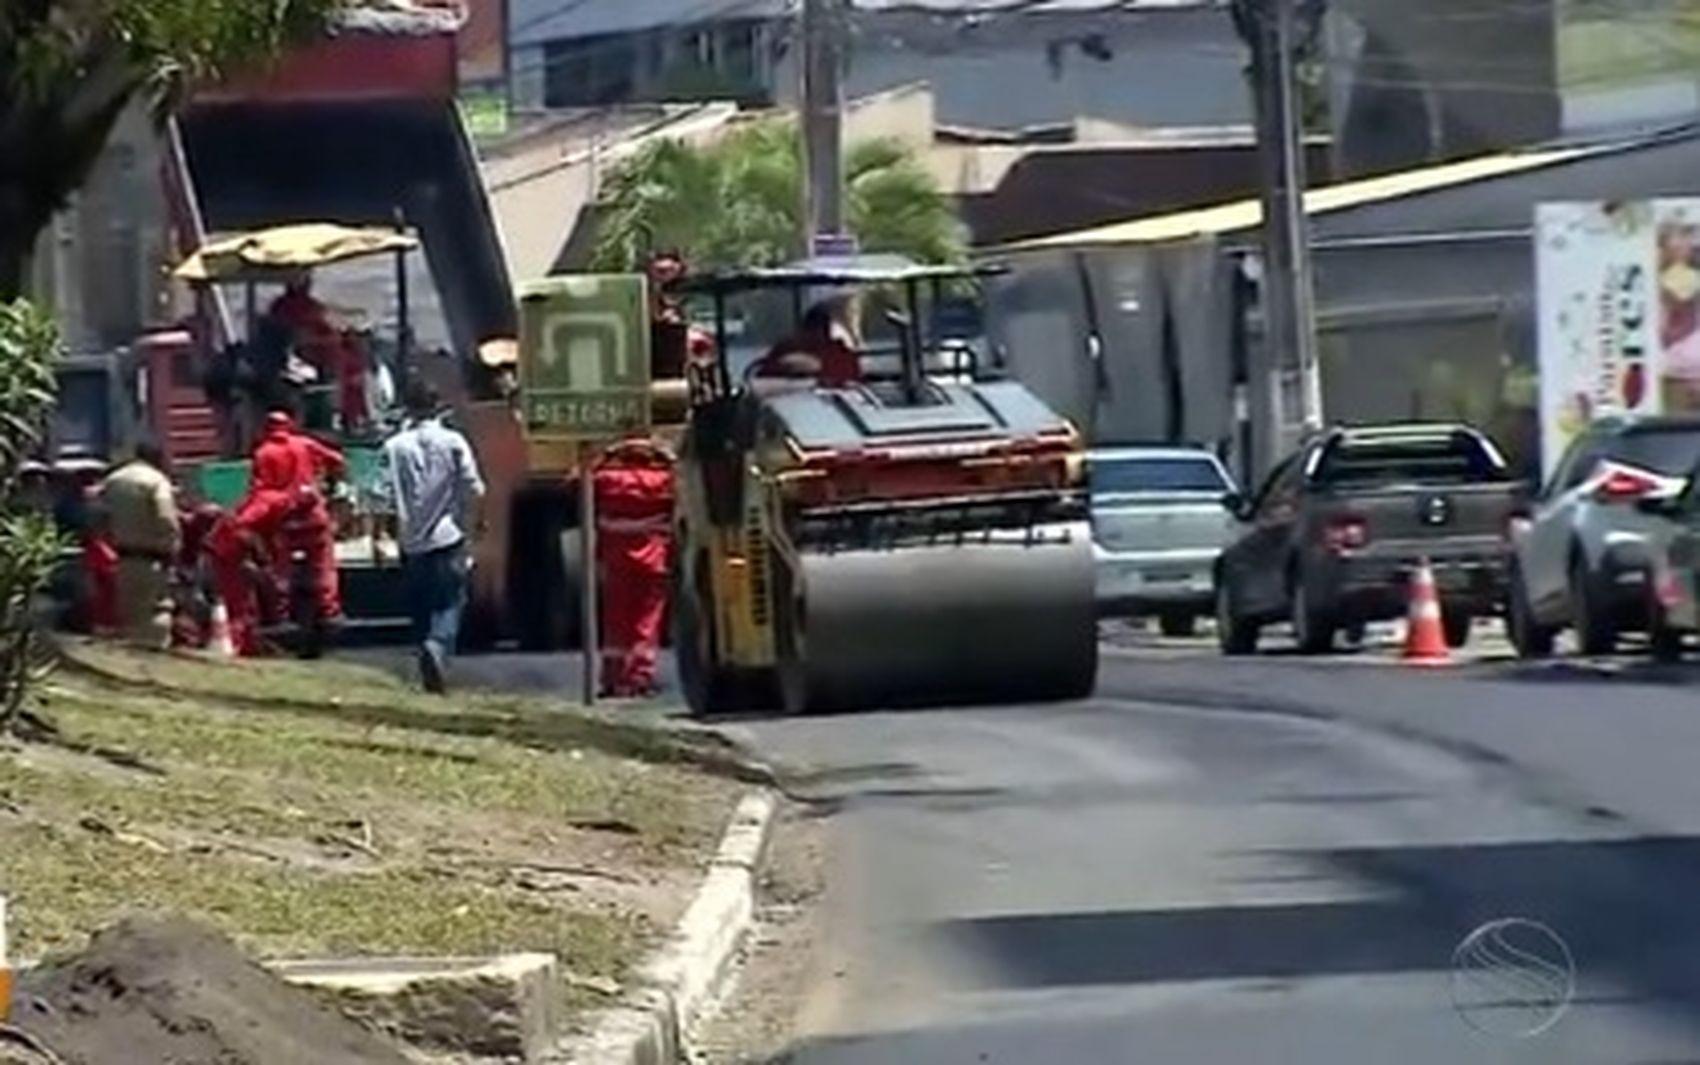 Recapeamento asfáltico deixa trânsito em meia pista na Avenida Beira Mar nesta segunda-feira  - Notícias - Plantão Diário